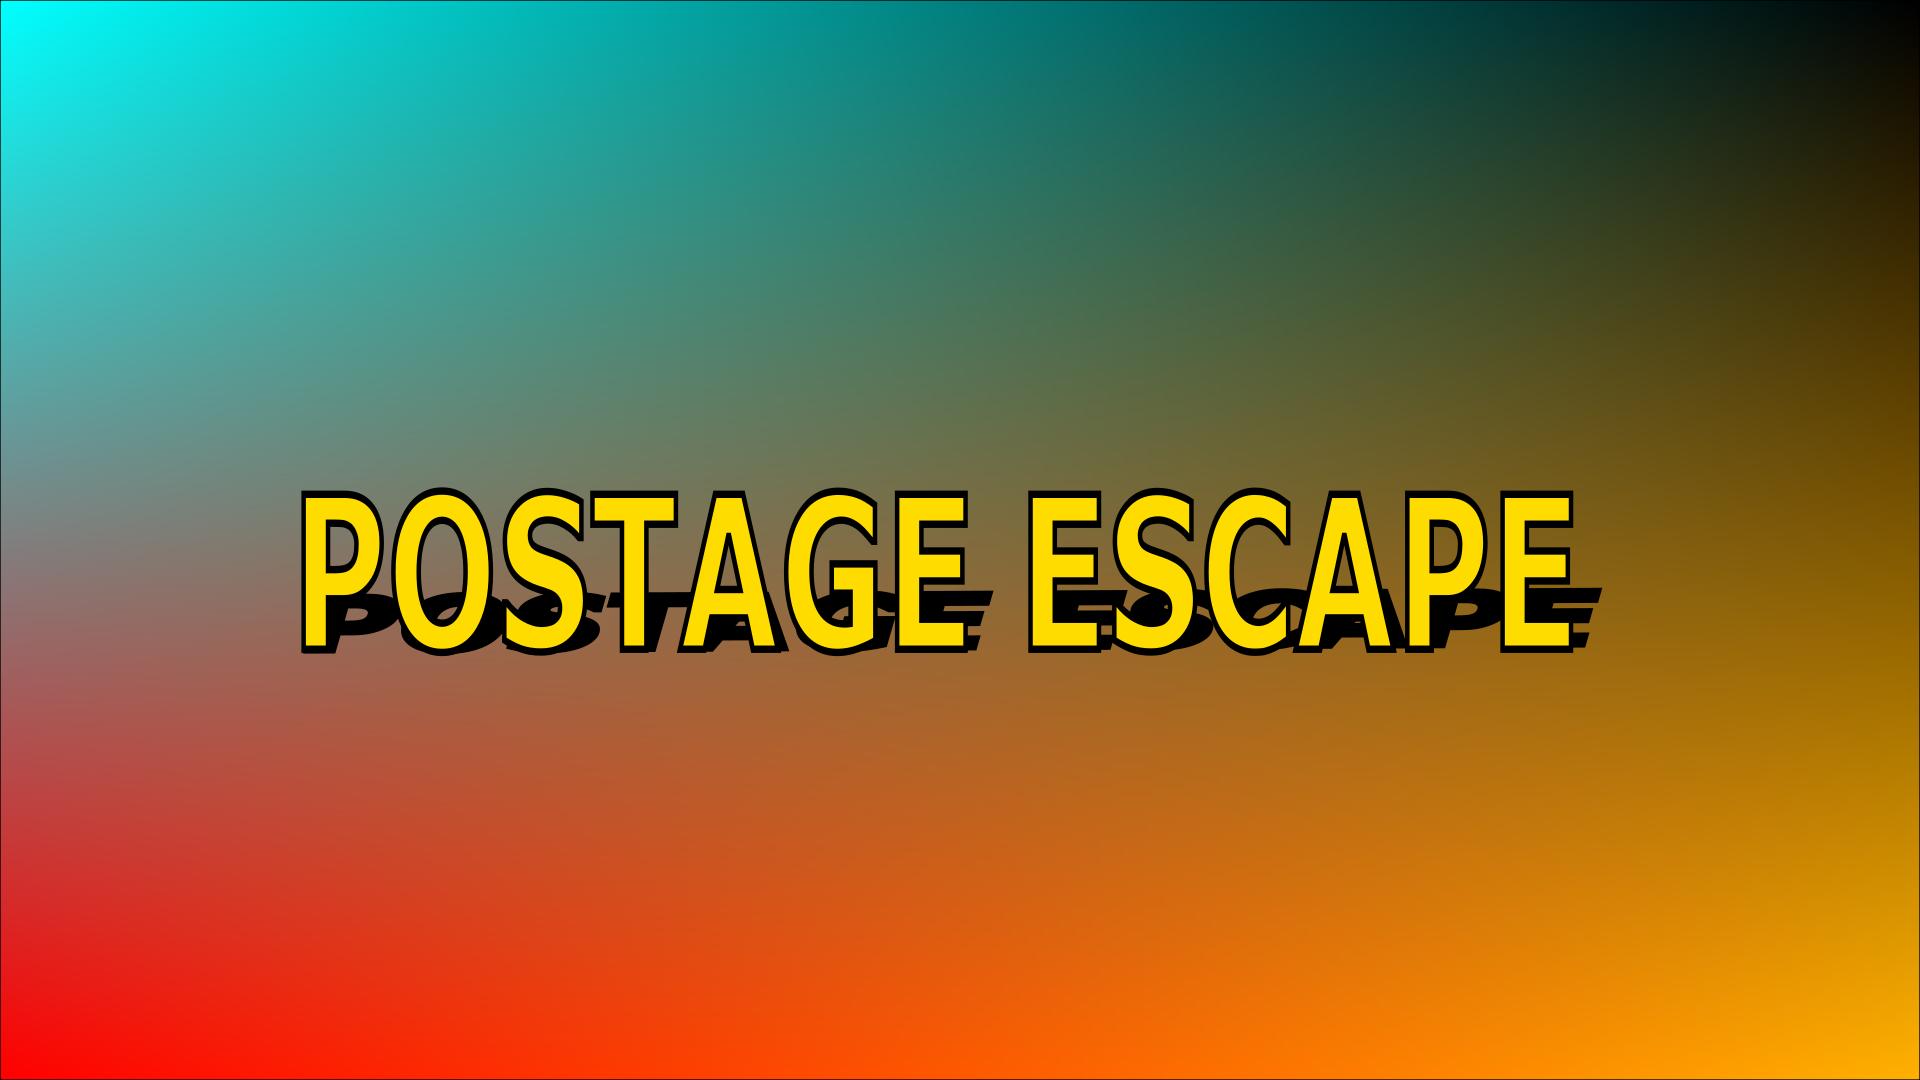 Postage Escape